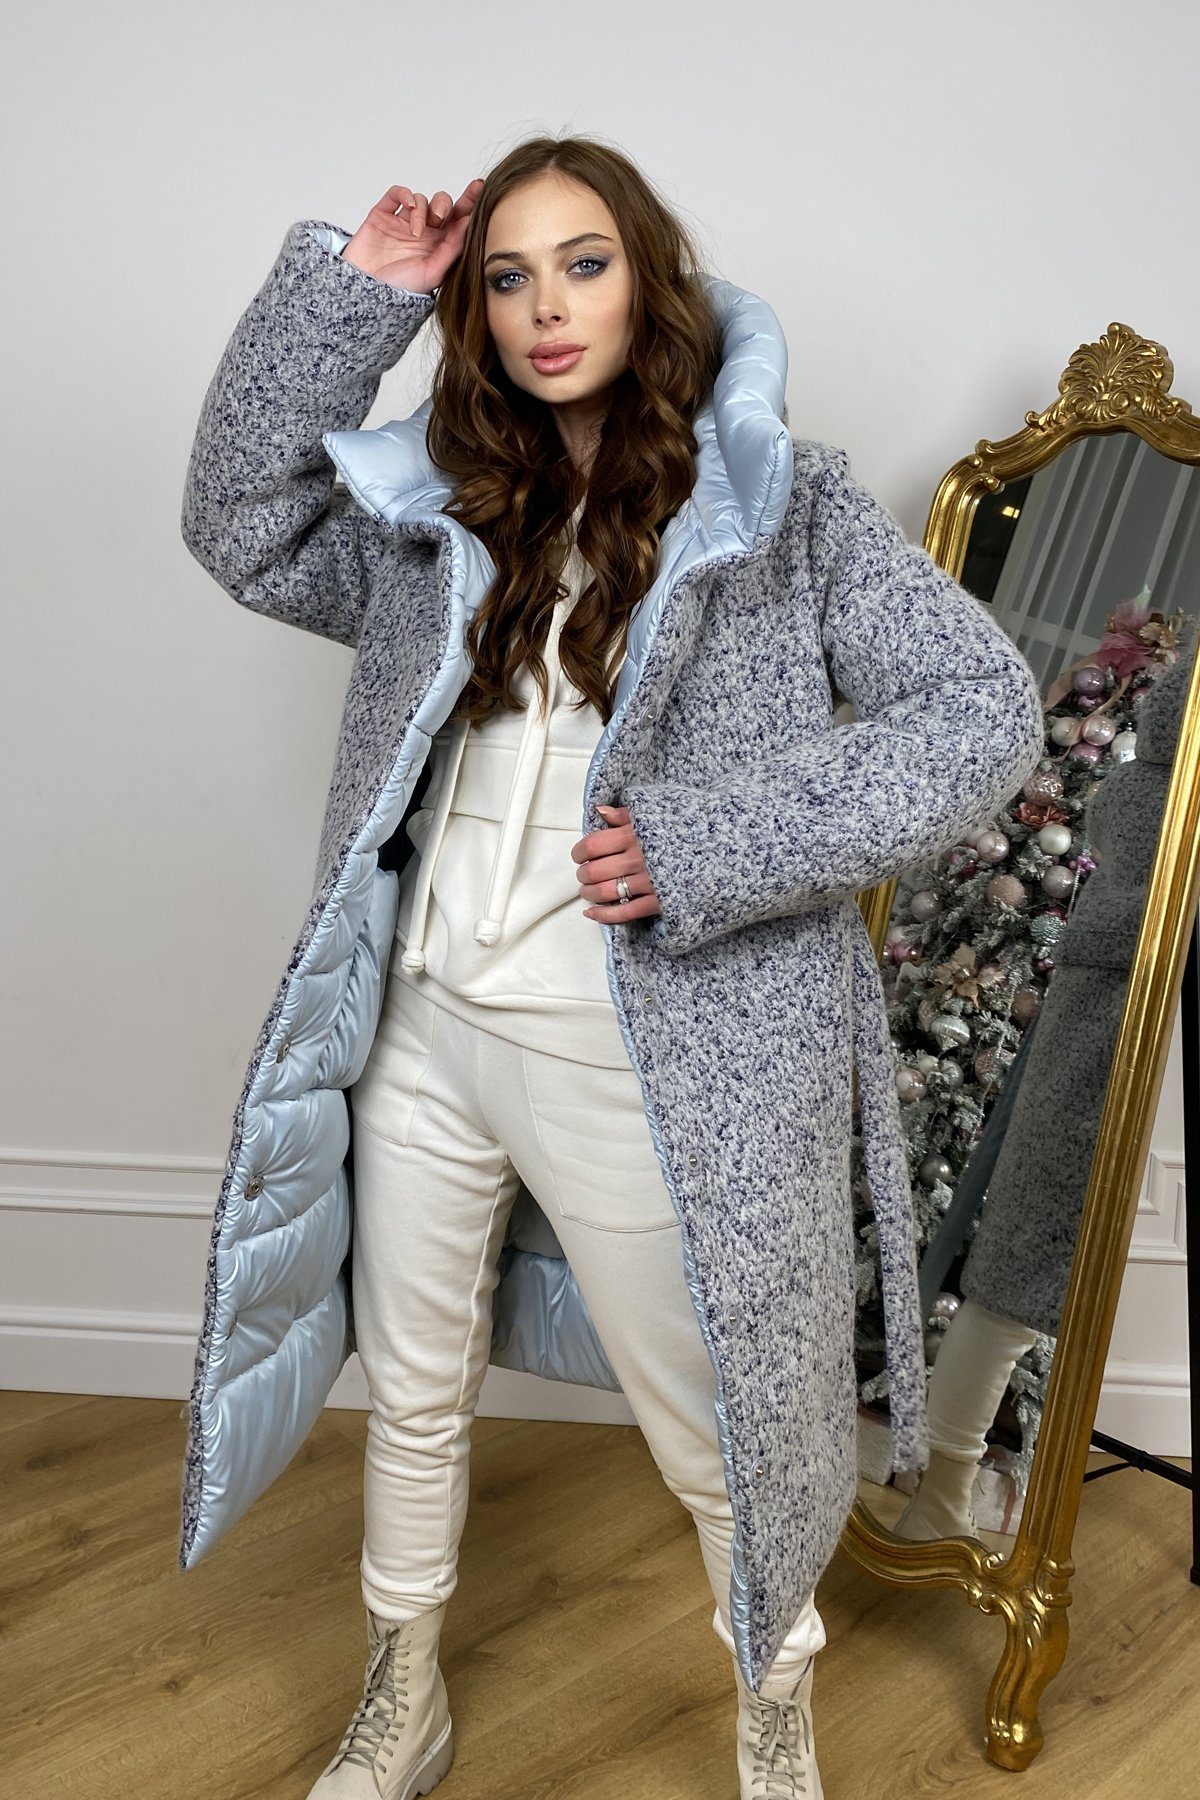 Бристоль плащевка стеганое пальто зима 10099 АРТ. 46407 Цвет: голубой/серый/голубой - фото 9, интернет магазин tm-modus.ru